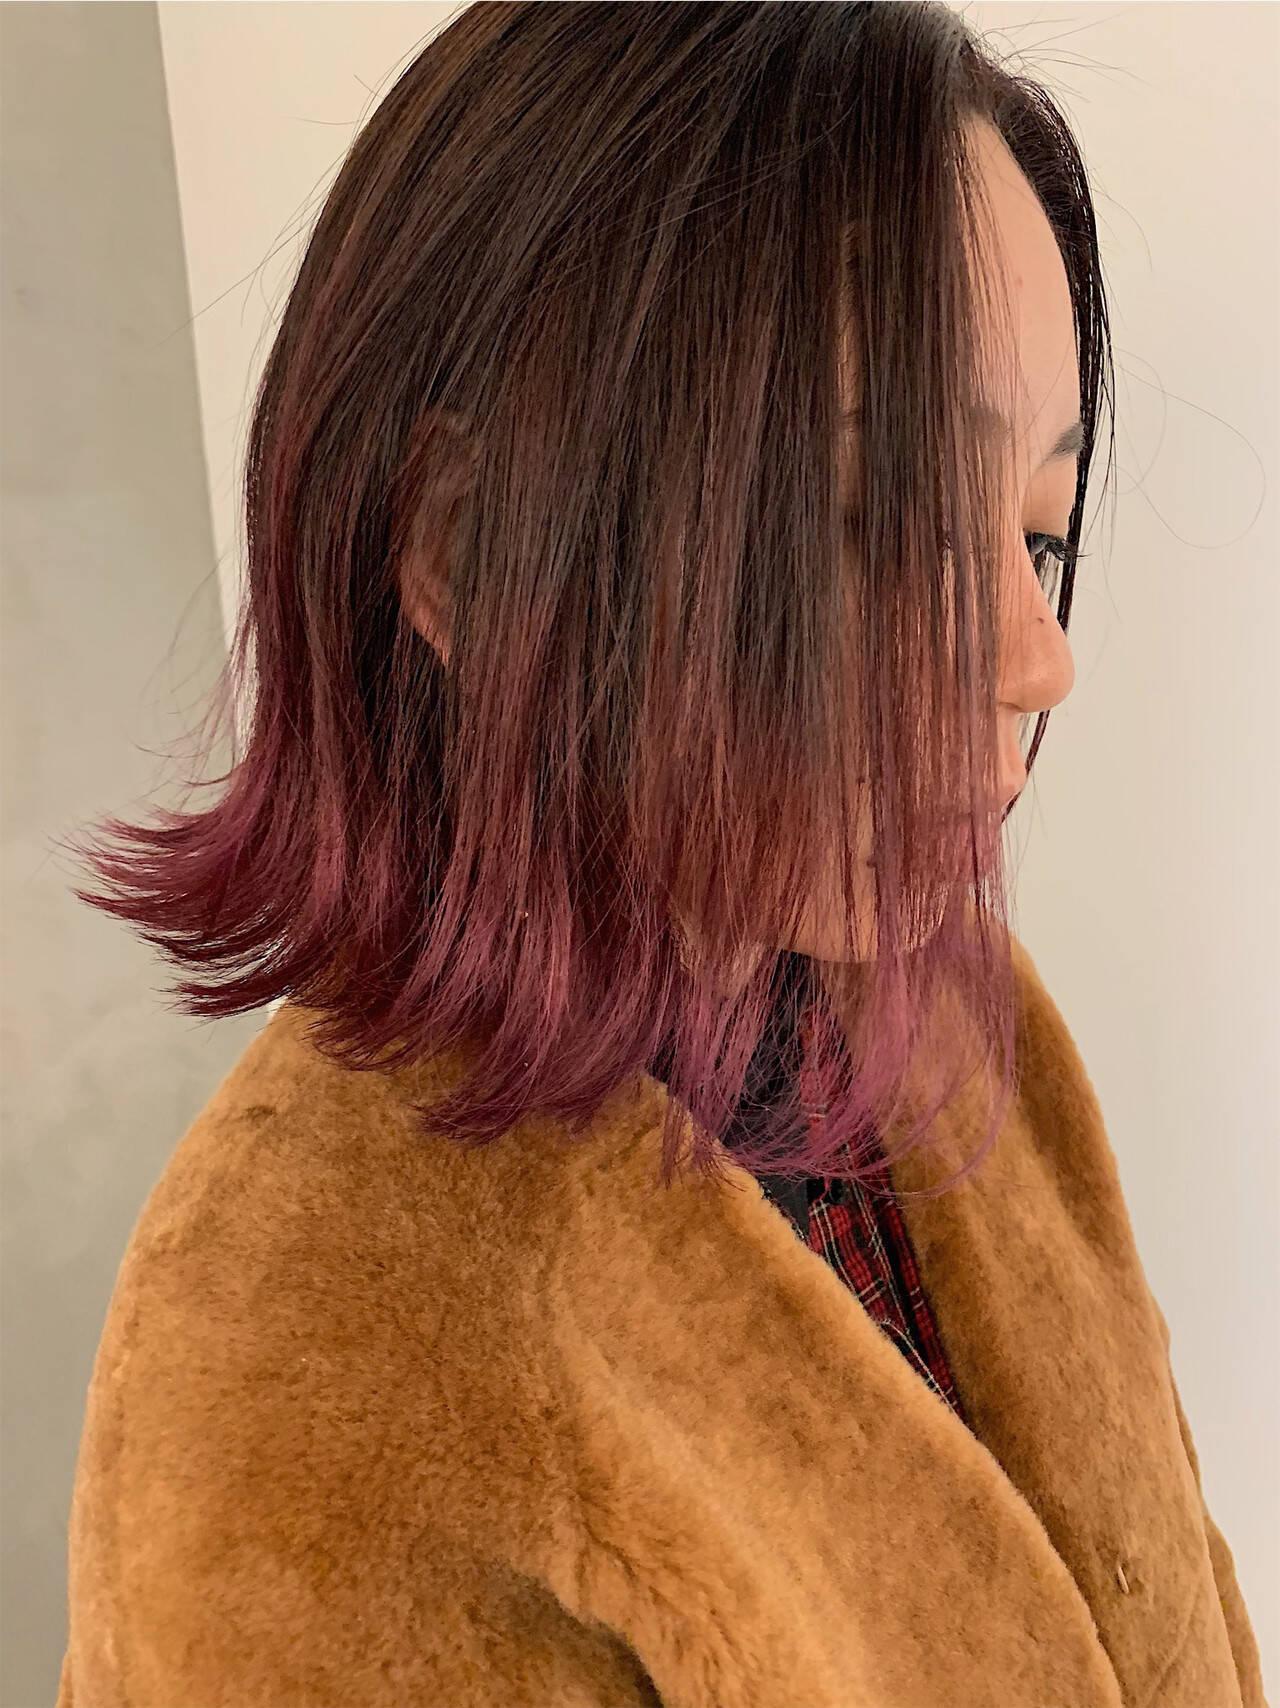 アンニュイほつれヘア ボブ ストリート グラデーションカラーヘアスタイルや髪型の写真・画像